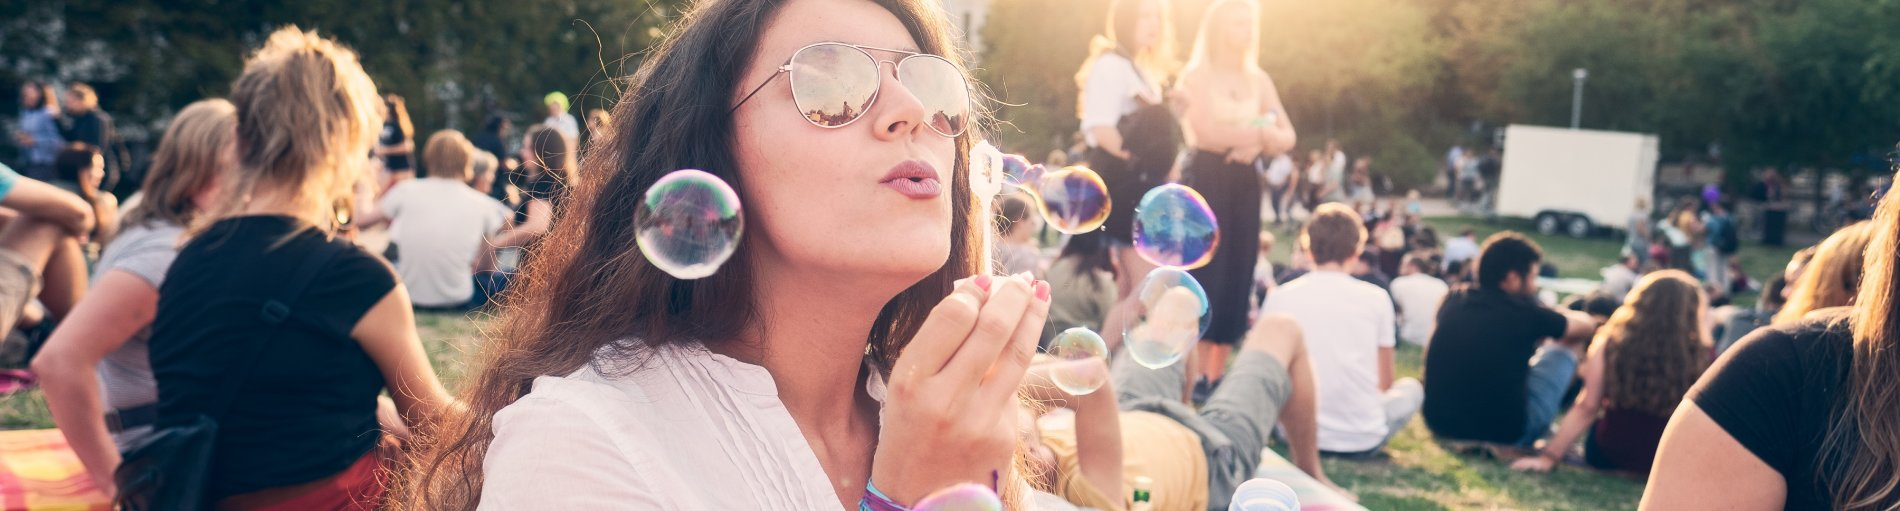 Viele junge Leute stehen im Sommer auf der Festivalwiese. Im Vordergrund macht eine junge Frau mit Sonnenbrille Seifenblasen.